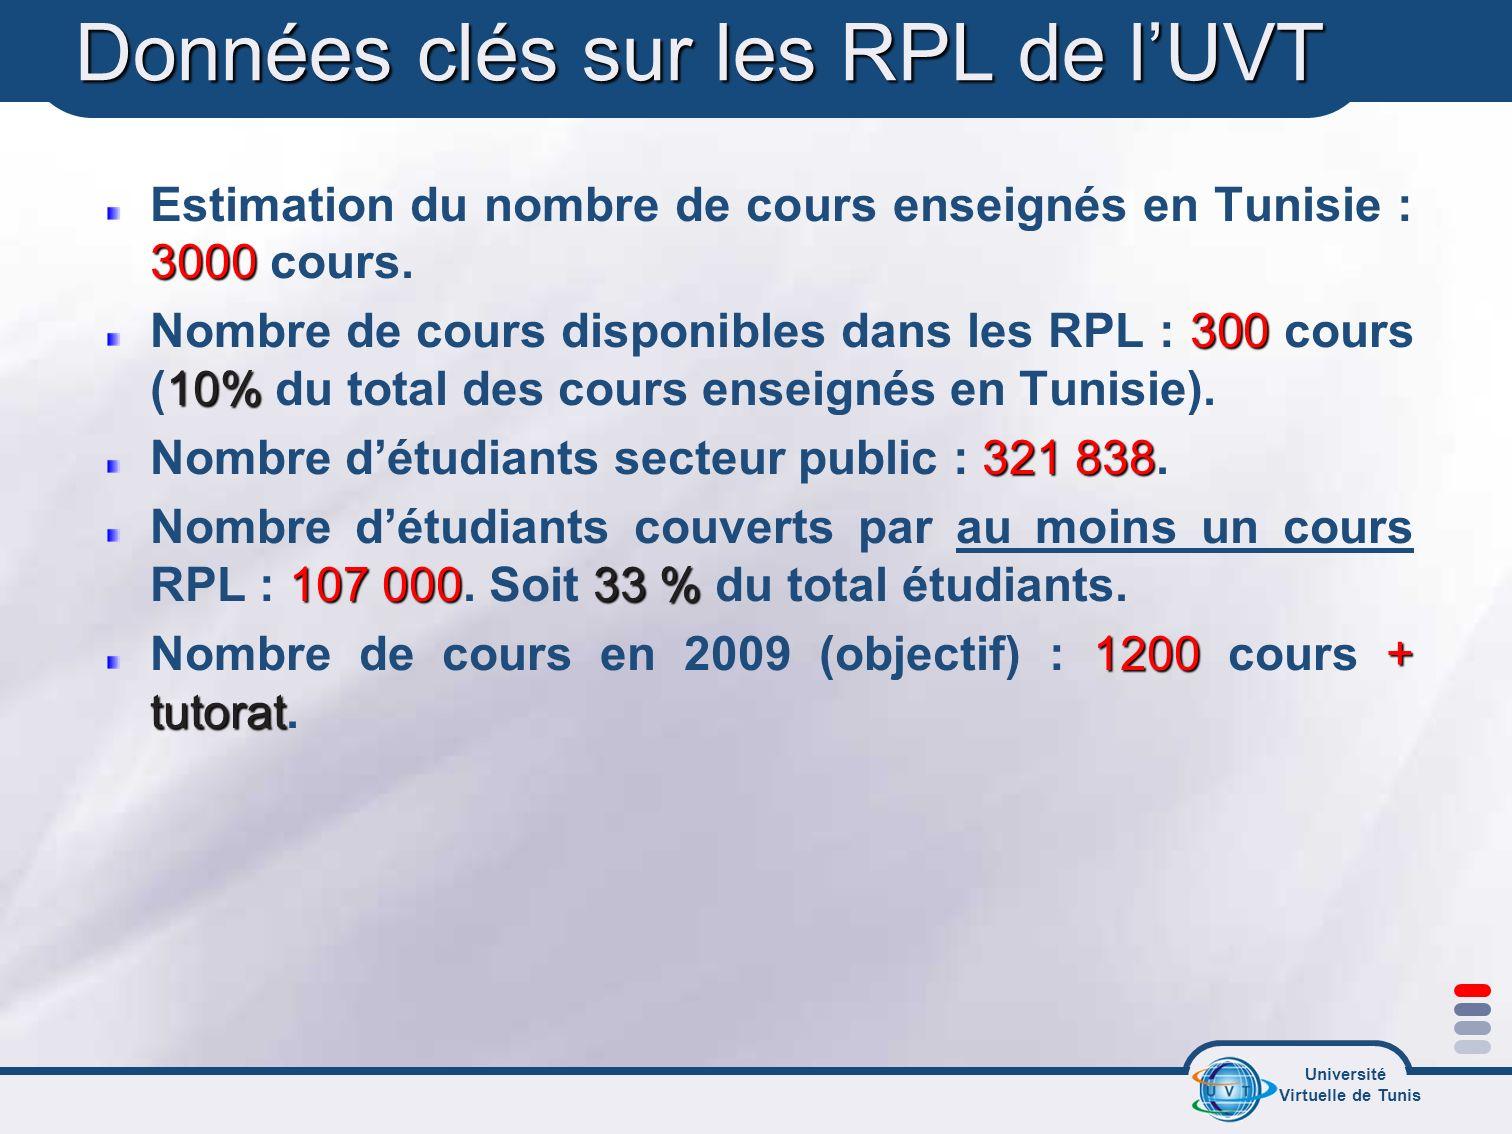 Université Virtuelle de Tunis Données clés sur les RPL de lUVT 3000 Estimation du nombre de cours enseignés en Tunisie : 3000 cours. 300 10% Nombre de